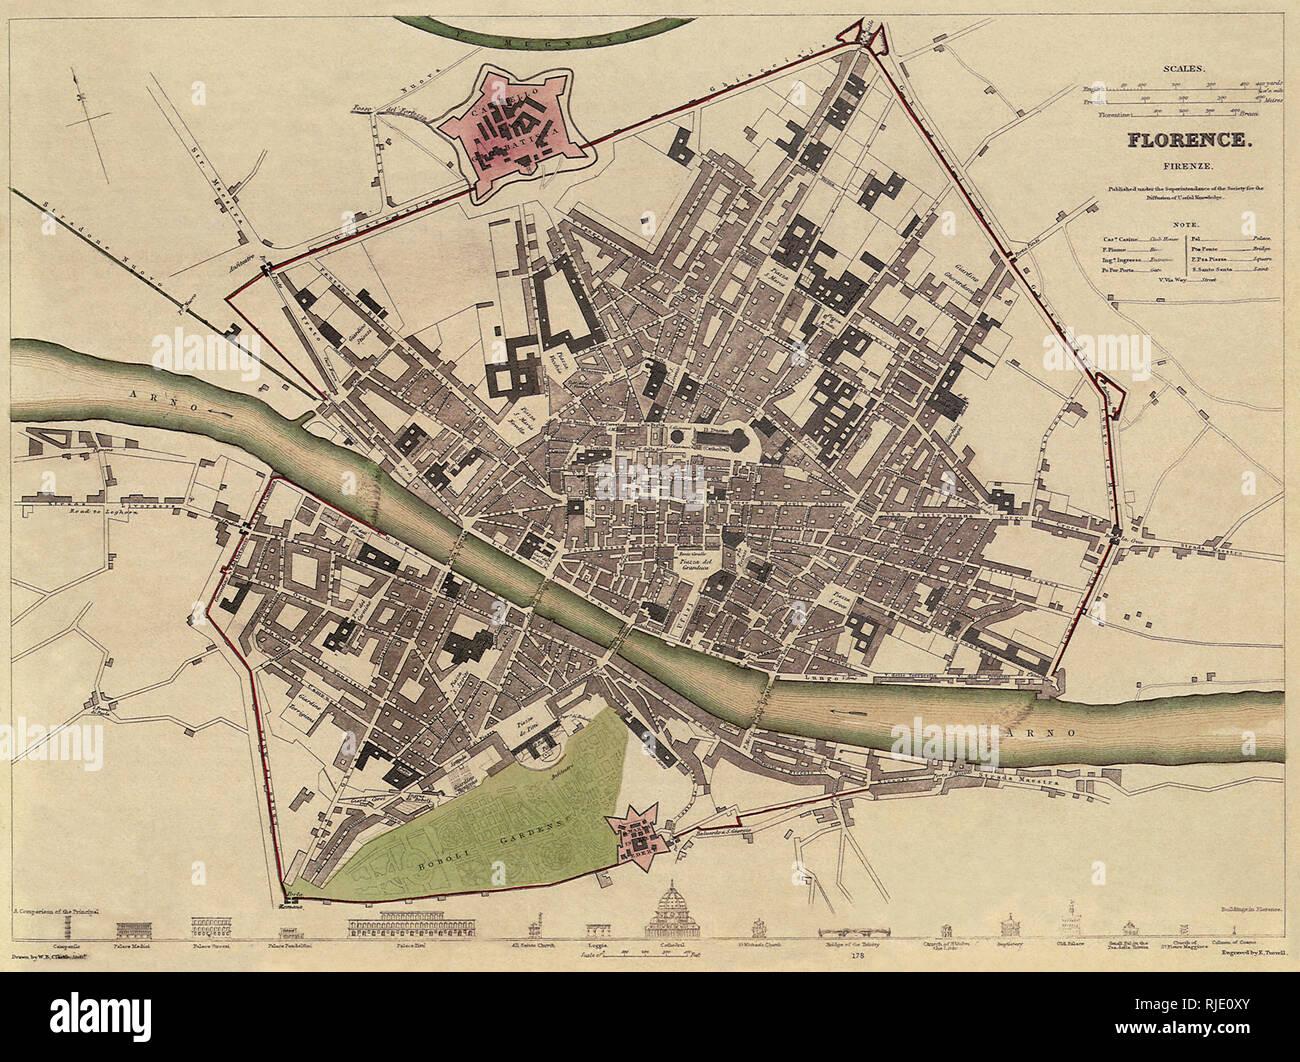 Firenze Cartina Geografica.Mappa Di Firenze Foto Stock Alamy